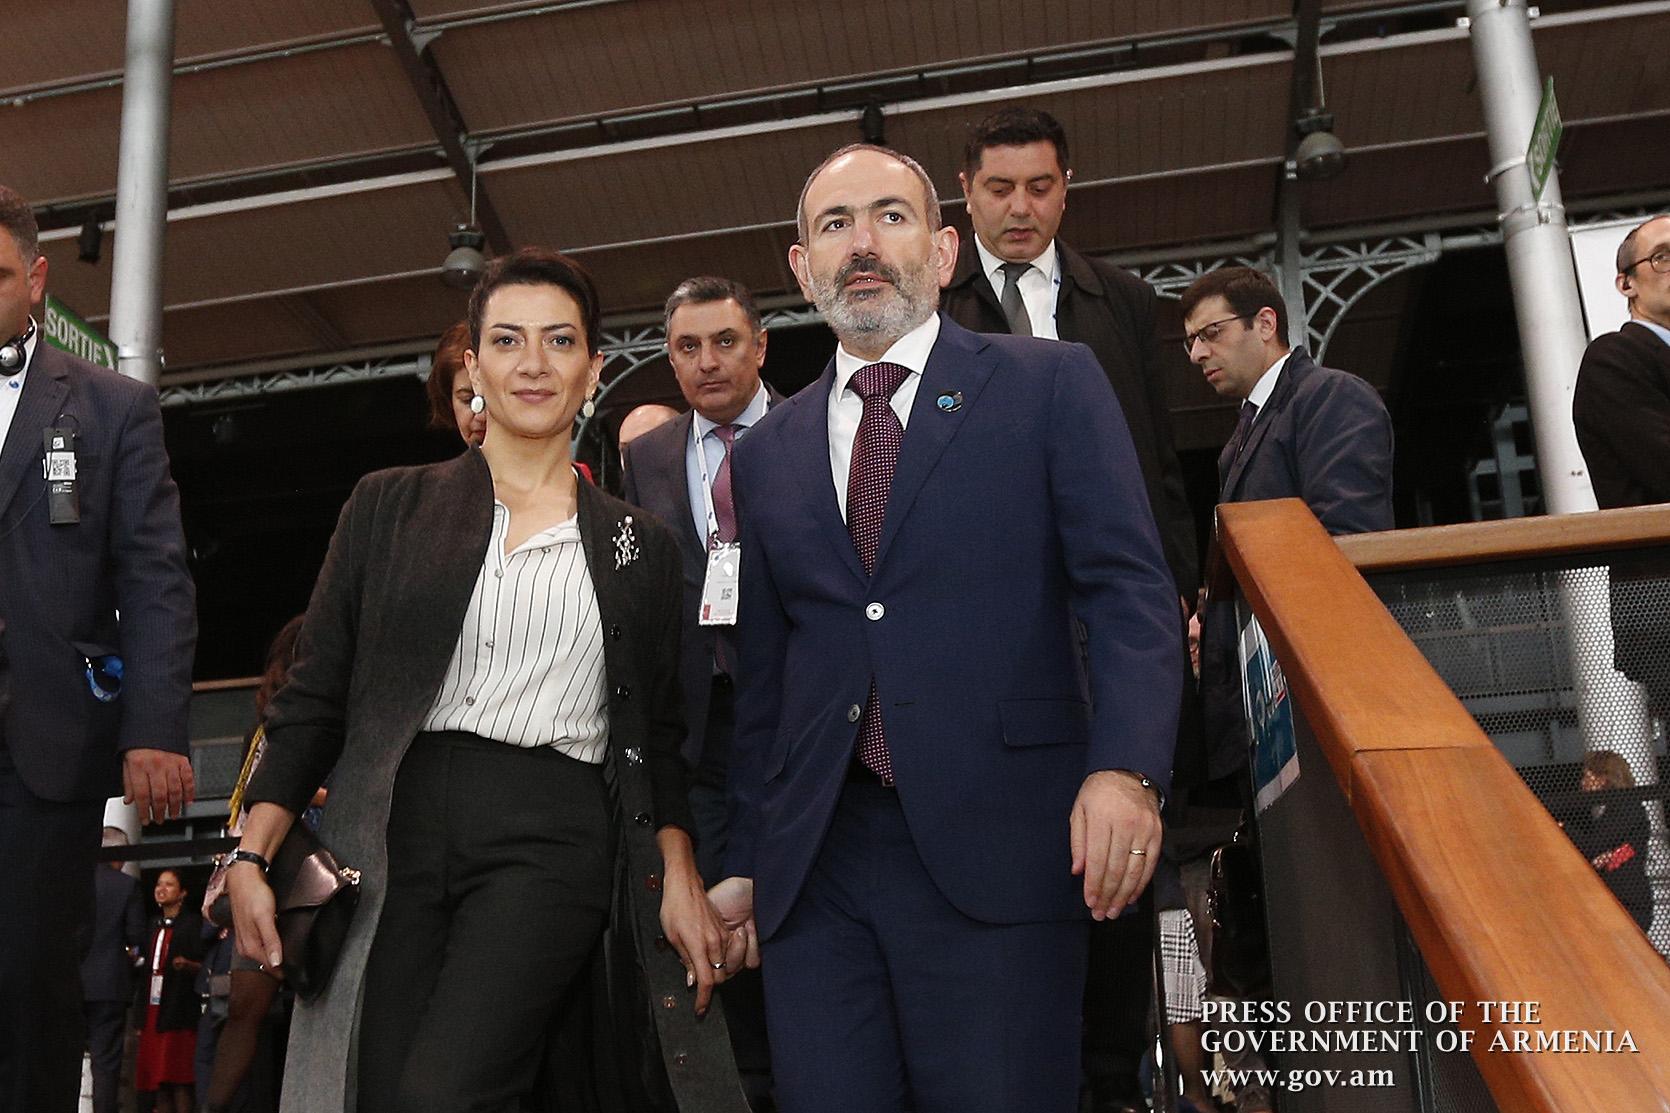 Премьер-министр принимает участие во Втором Парижском форуме мира